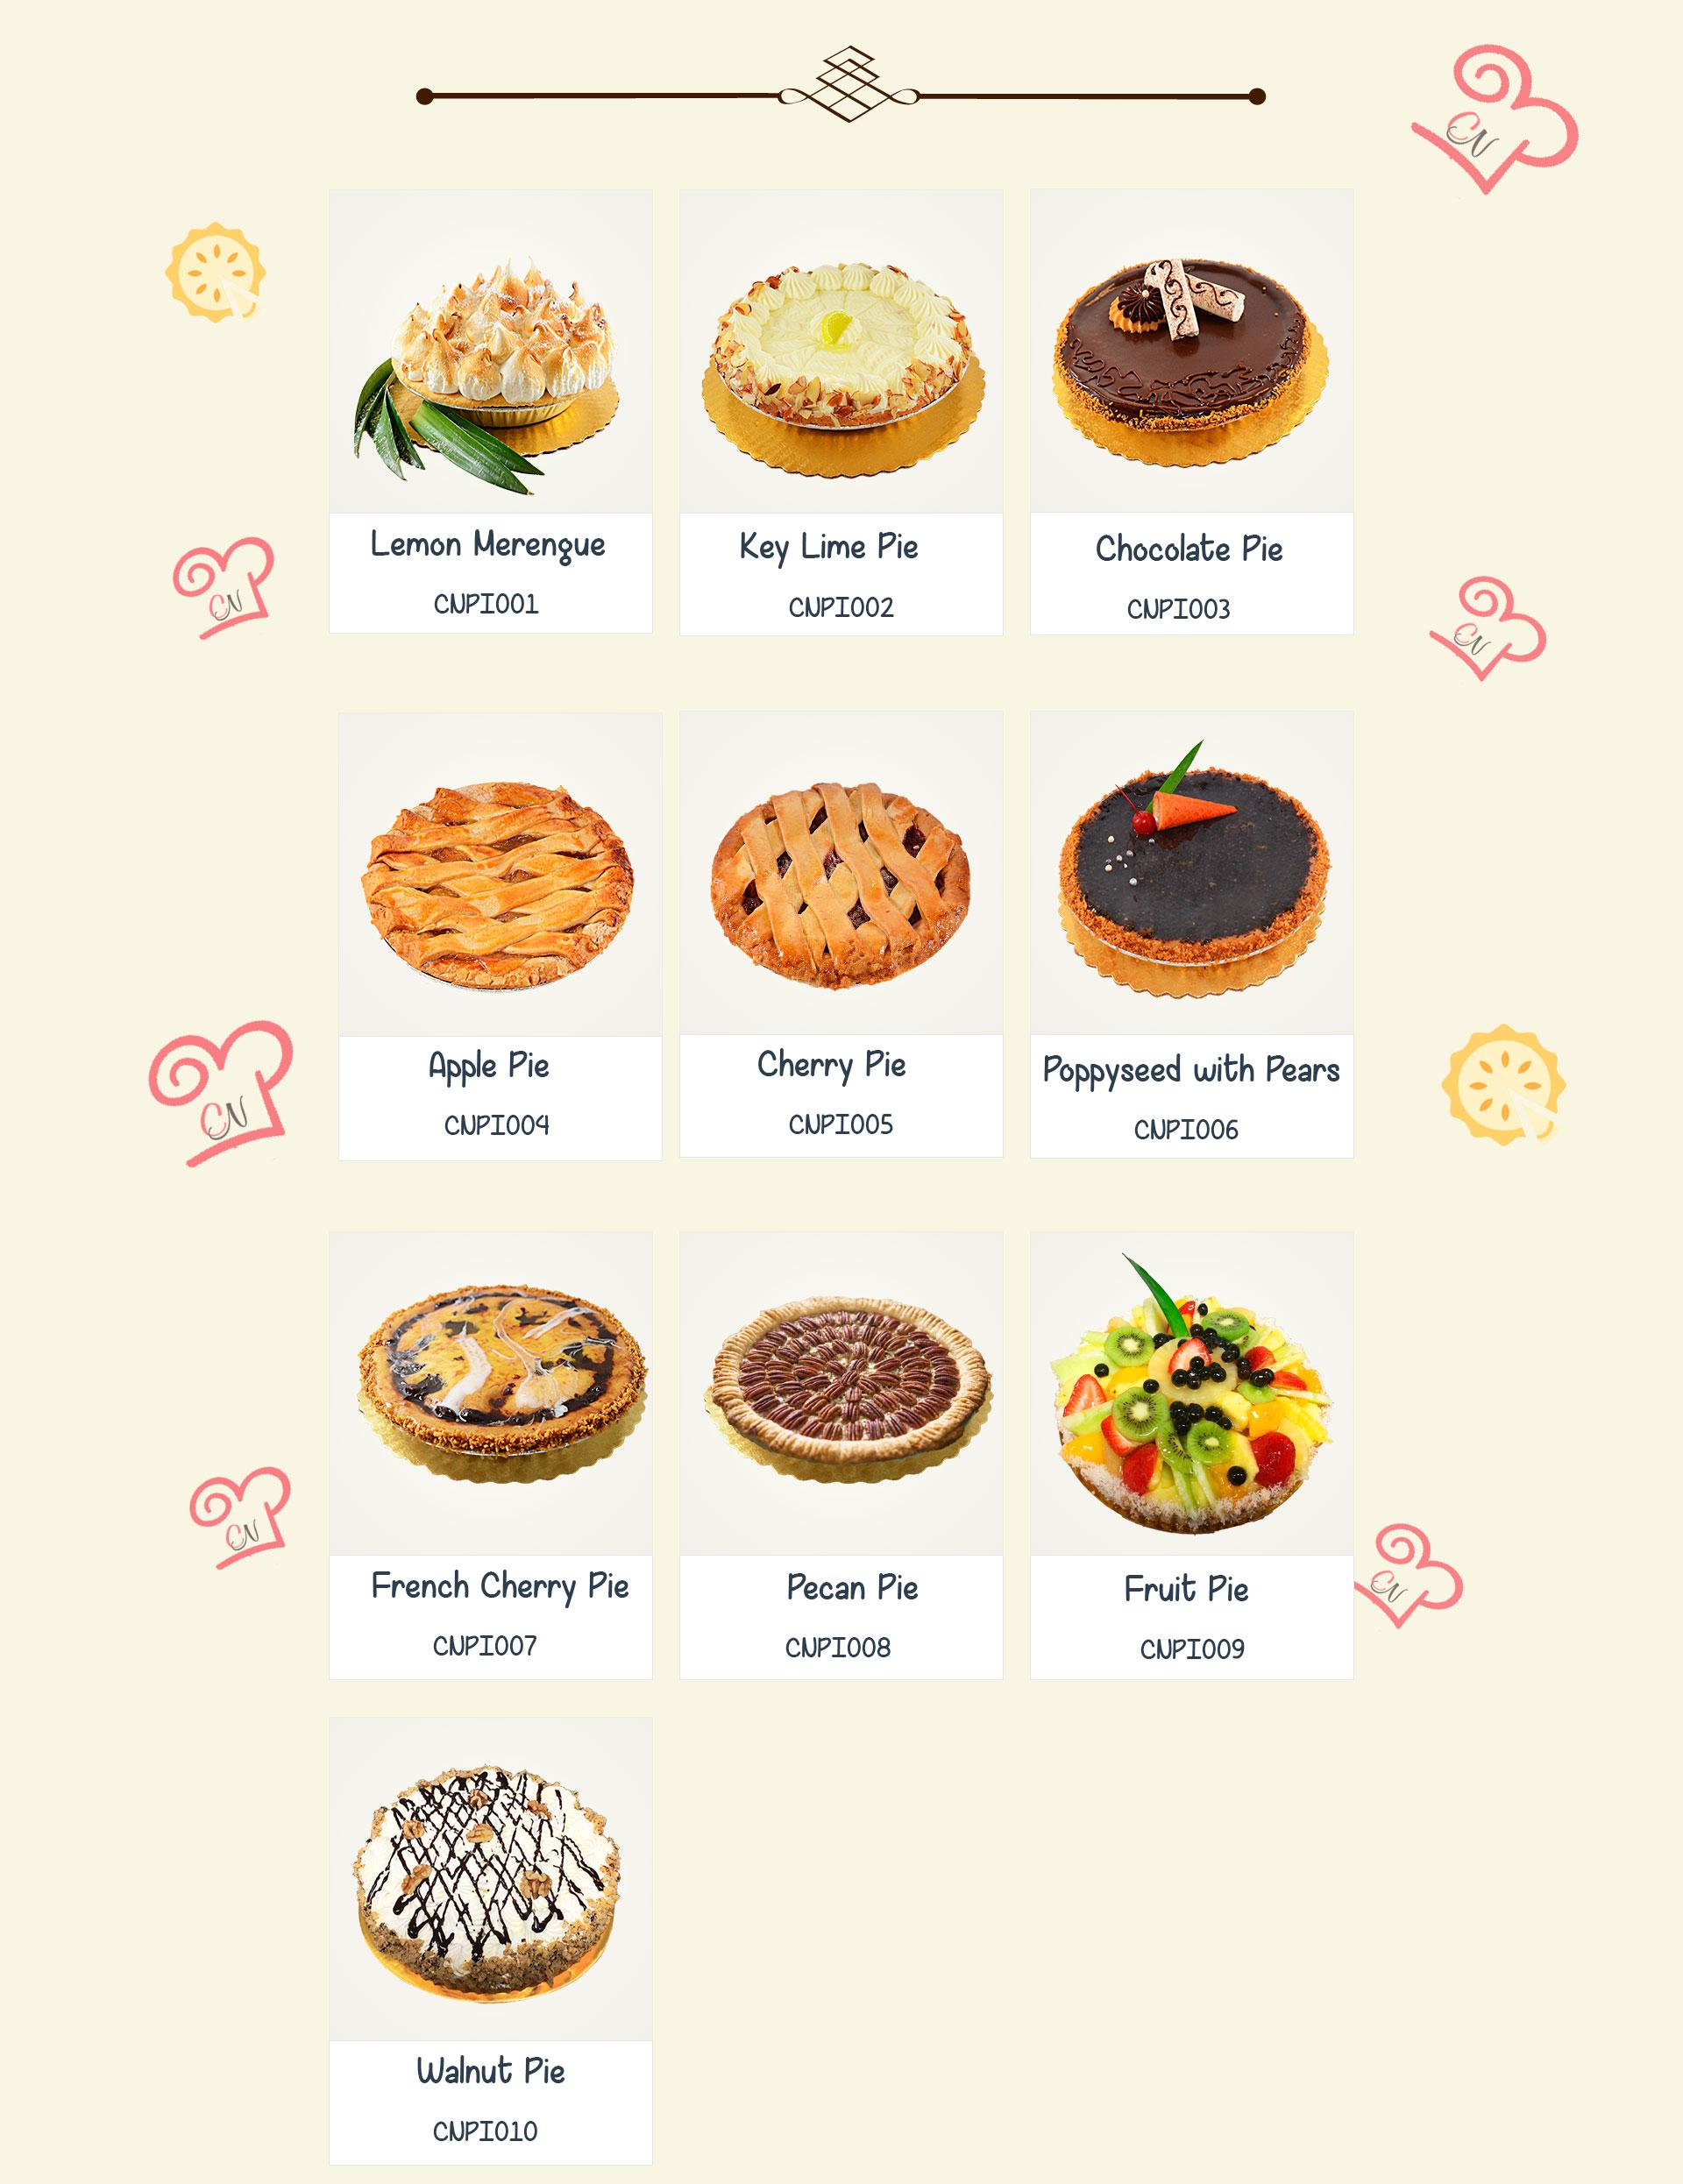 pies-chefness-bakery-kosher-pies